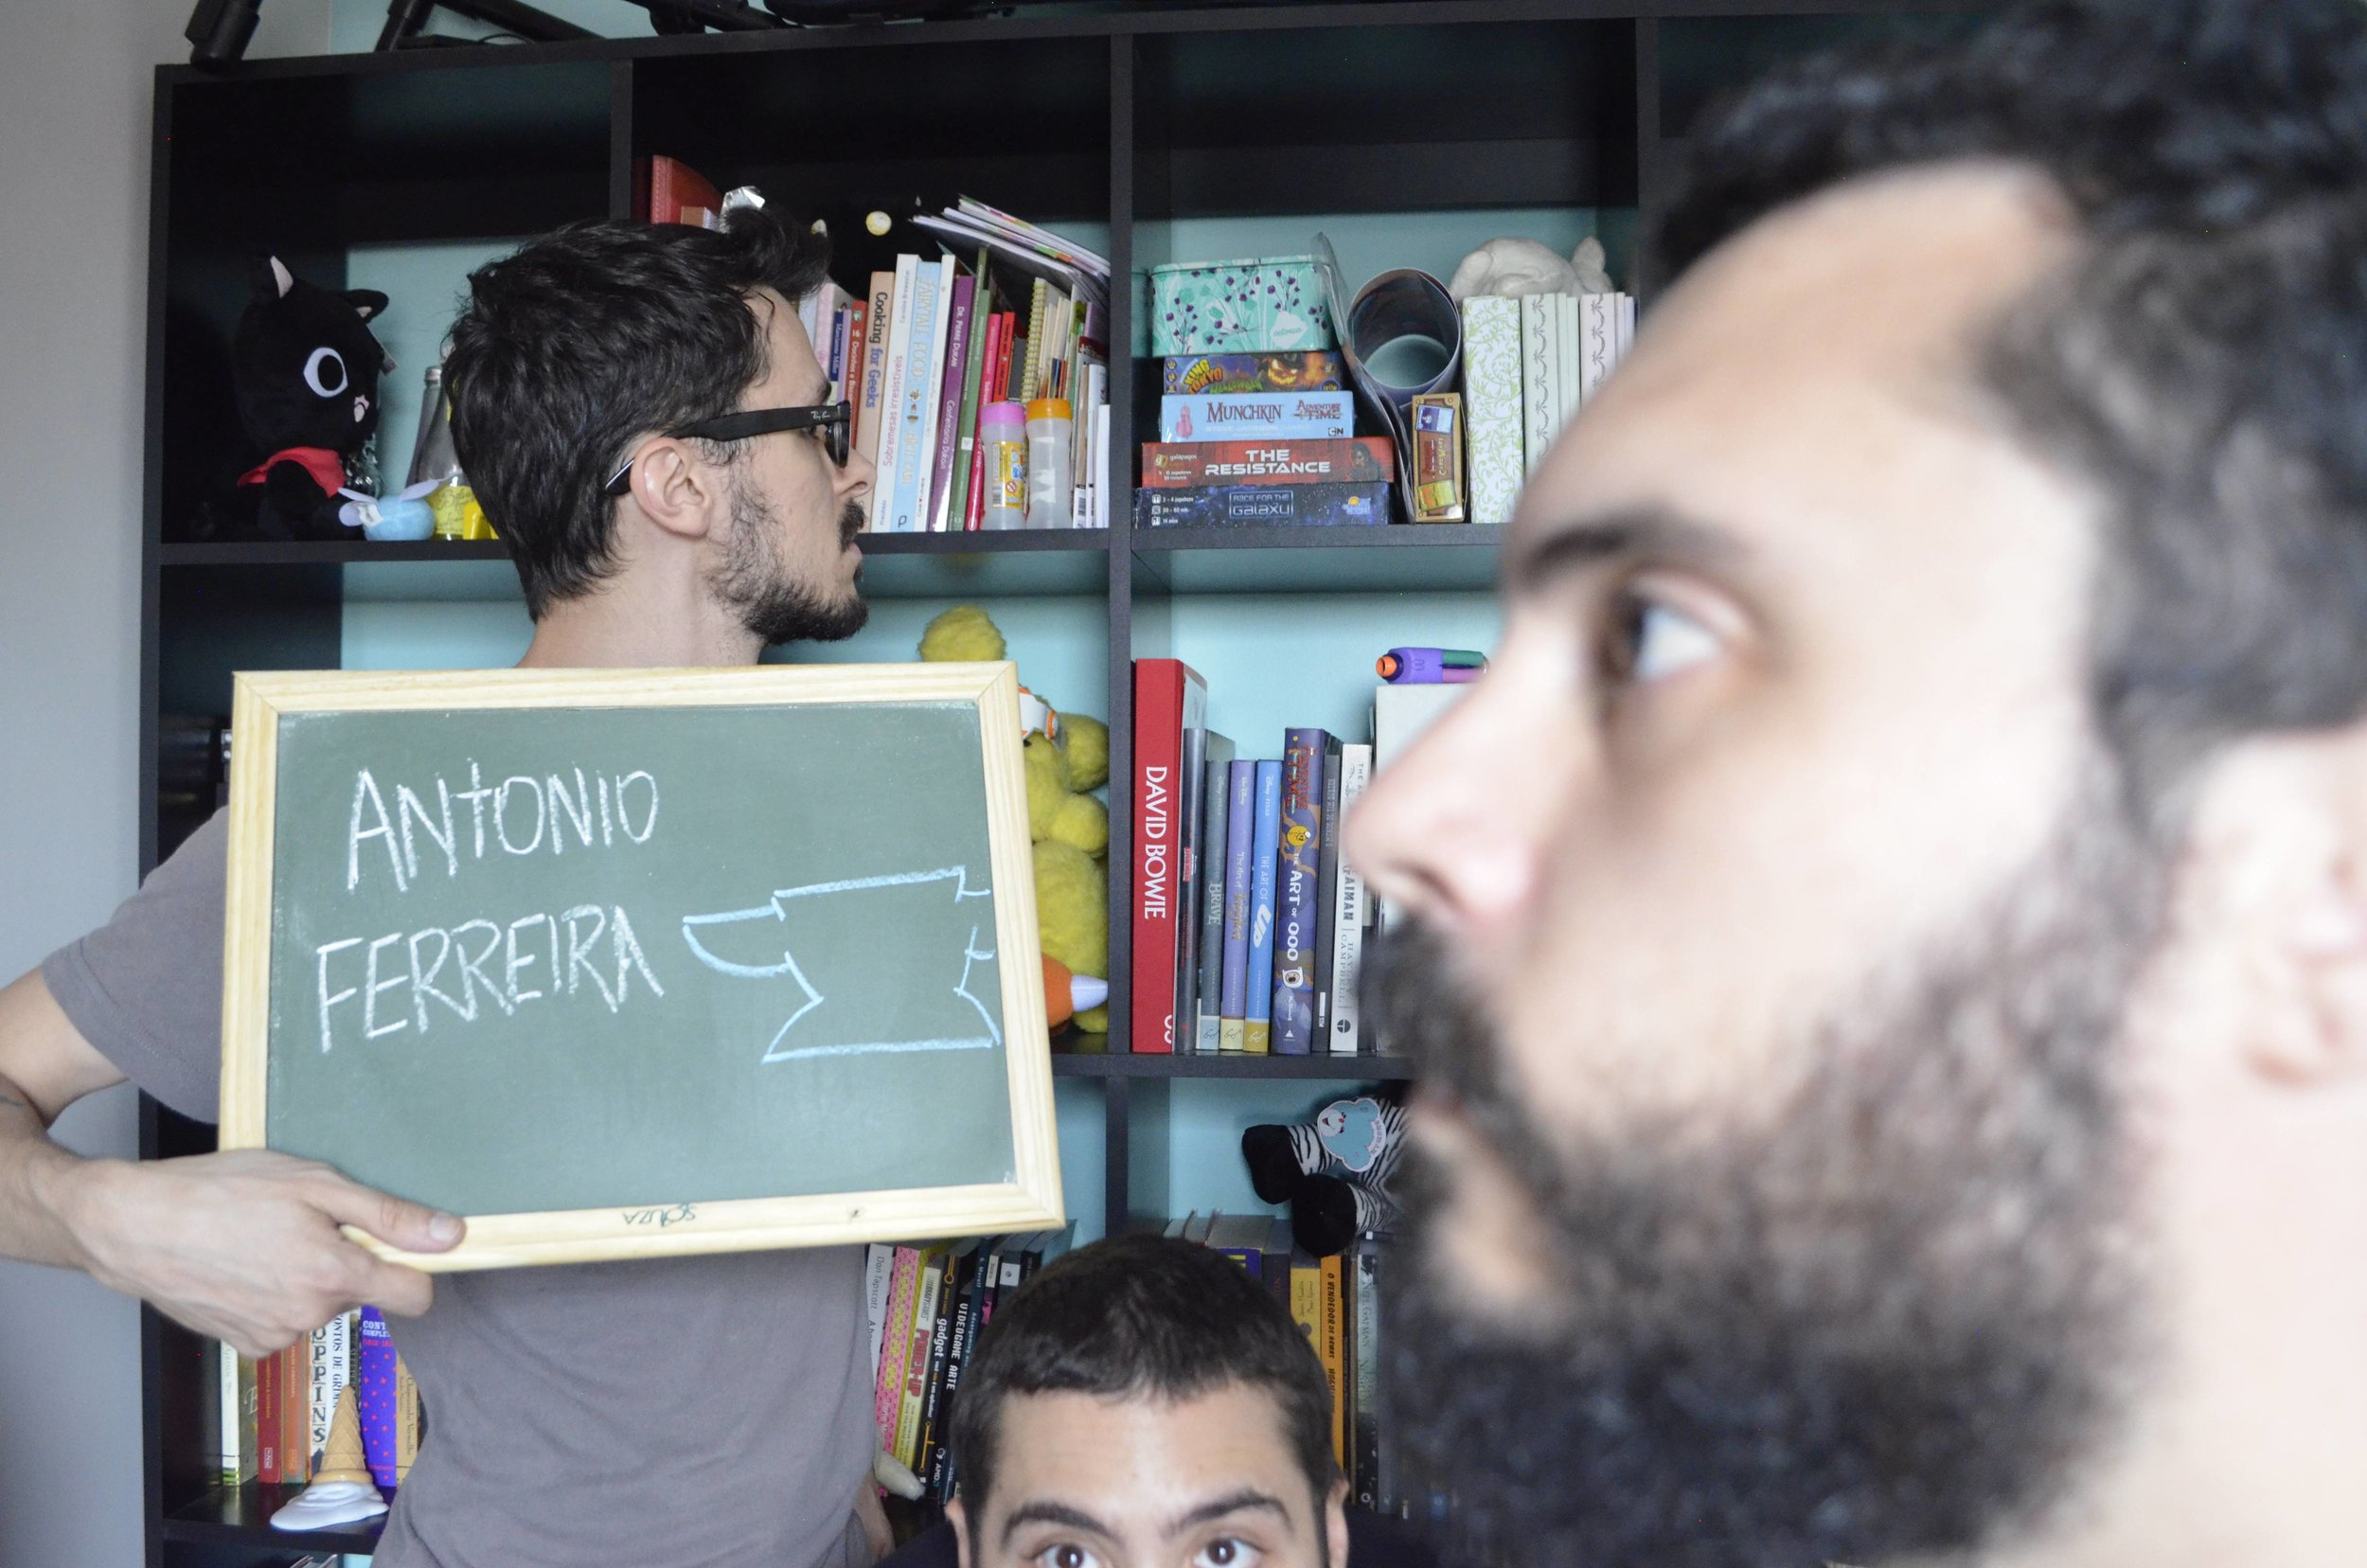 Antonio-Ferreira.jpg